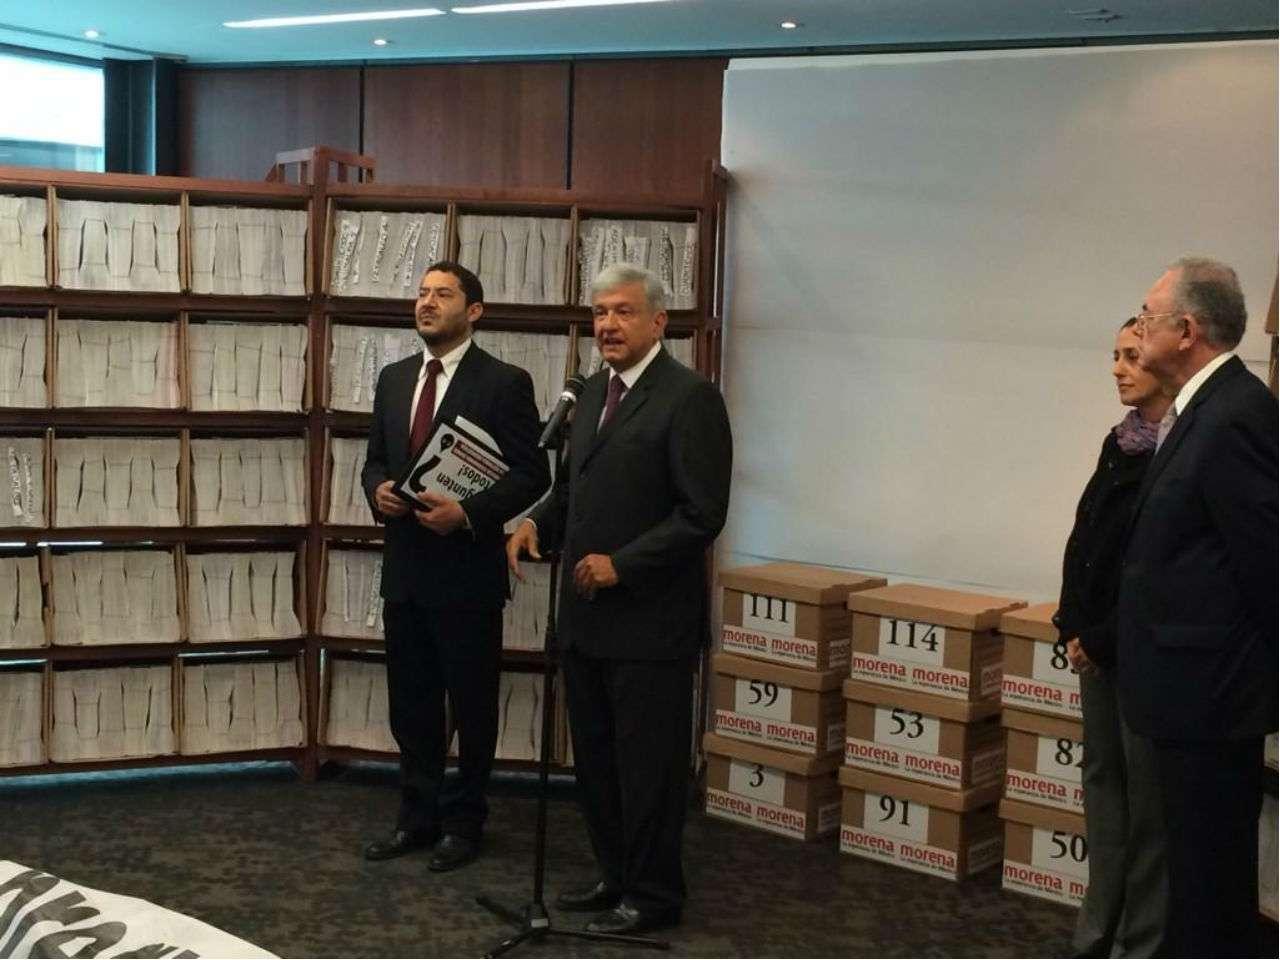 El senador tabasqueño Adán Augusto López tuiteó una foto de López Obrador al entregar las firmas que recolectó Morena para la consulta energética. Foto: @adan_augusto/Twitter